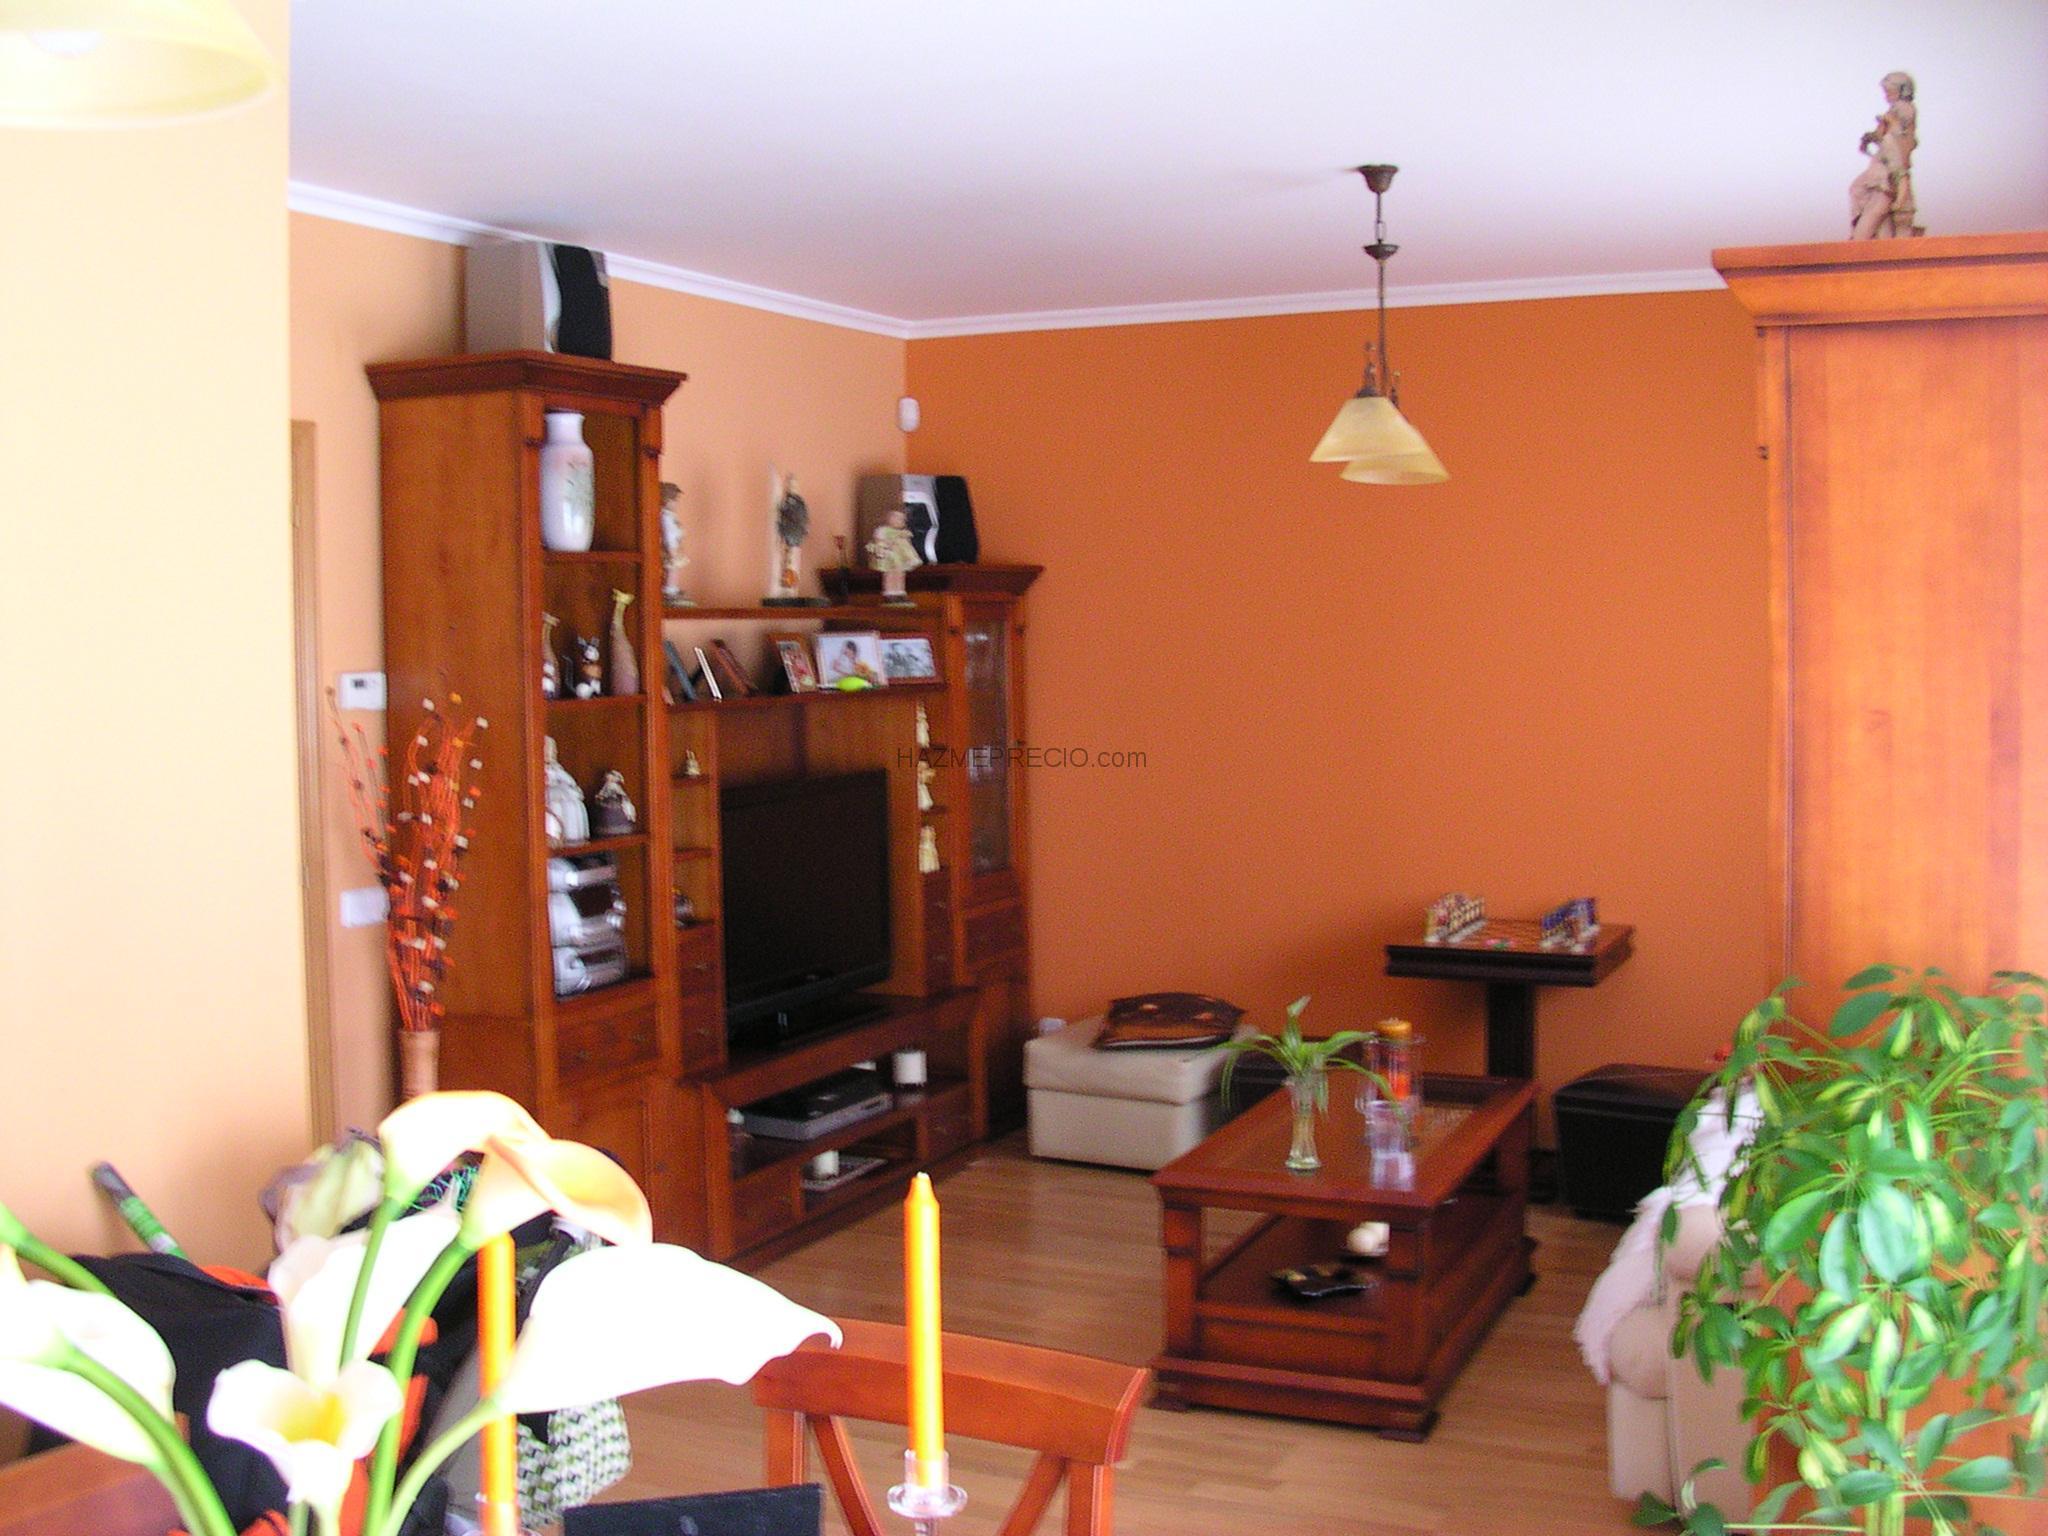 Aplicaciones y pinturas flores df services 28093 - Pinturas de decoracion de salones ...